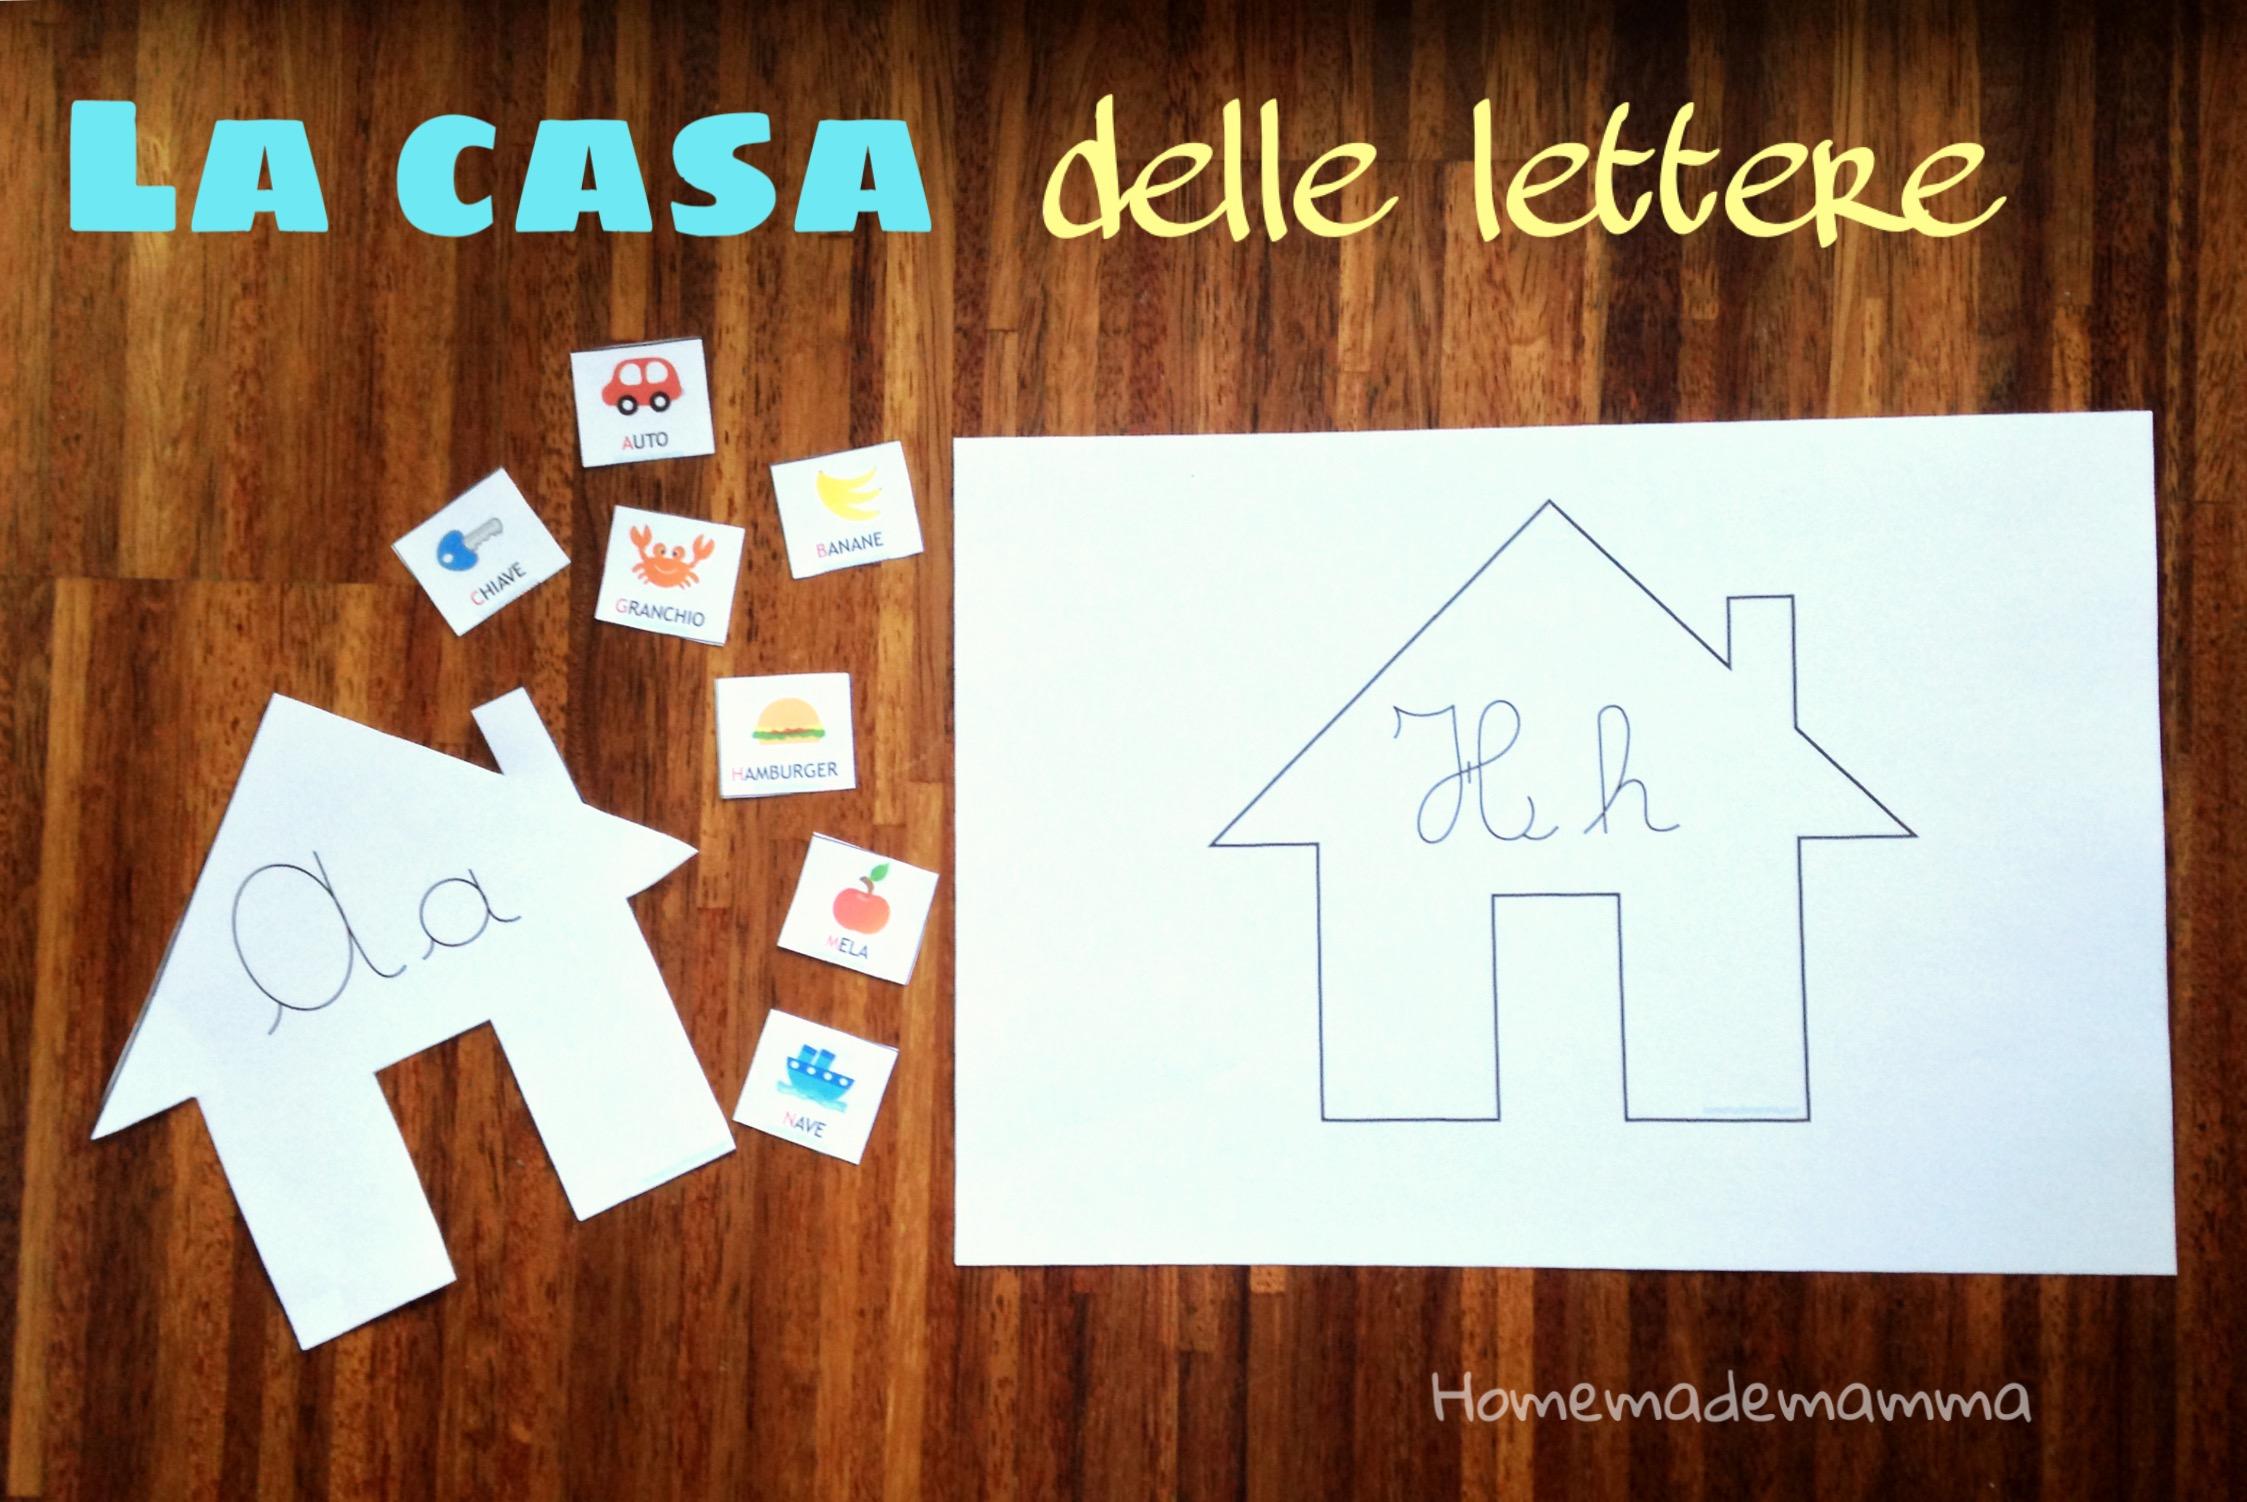 La casa delle lettere per imparare l'alfabetoLa casa delle lettere per imparare l'alfabeto